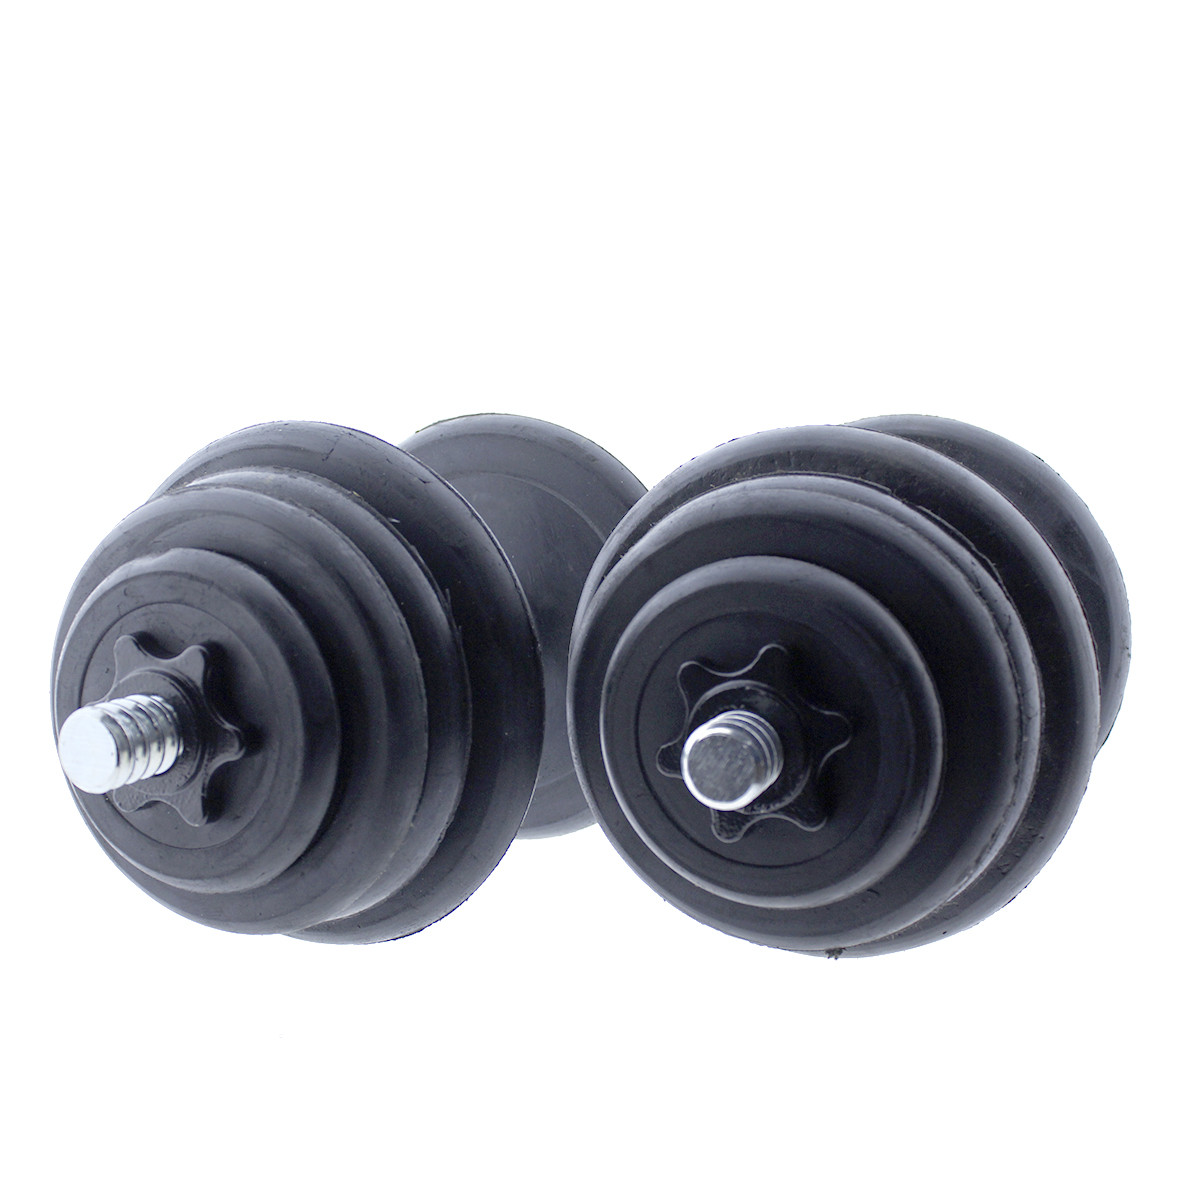 Set-de-mancuernas-ajustables-Negras-con-discos-de-Goma-10kg-12kg-15kg-20-k miniatura 21